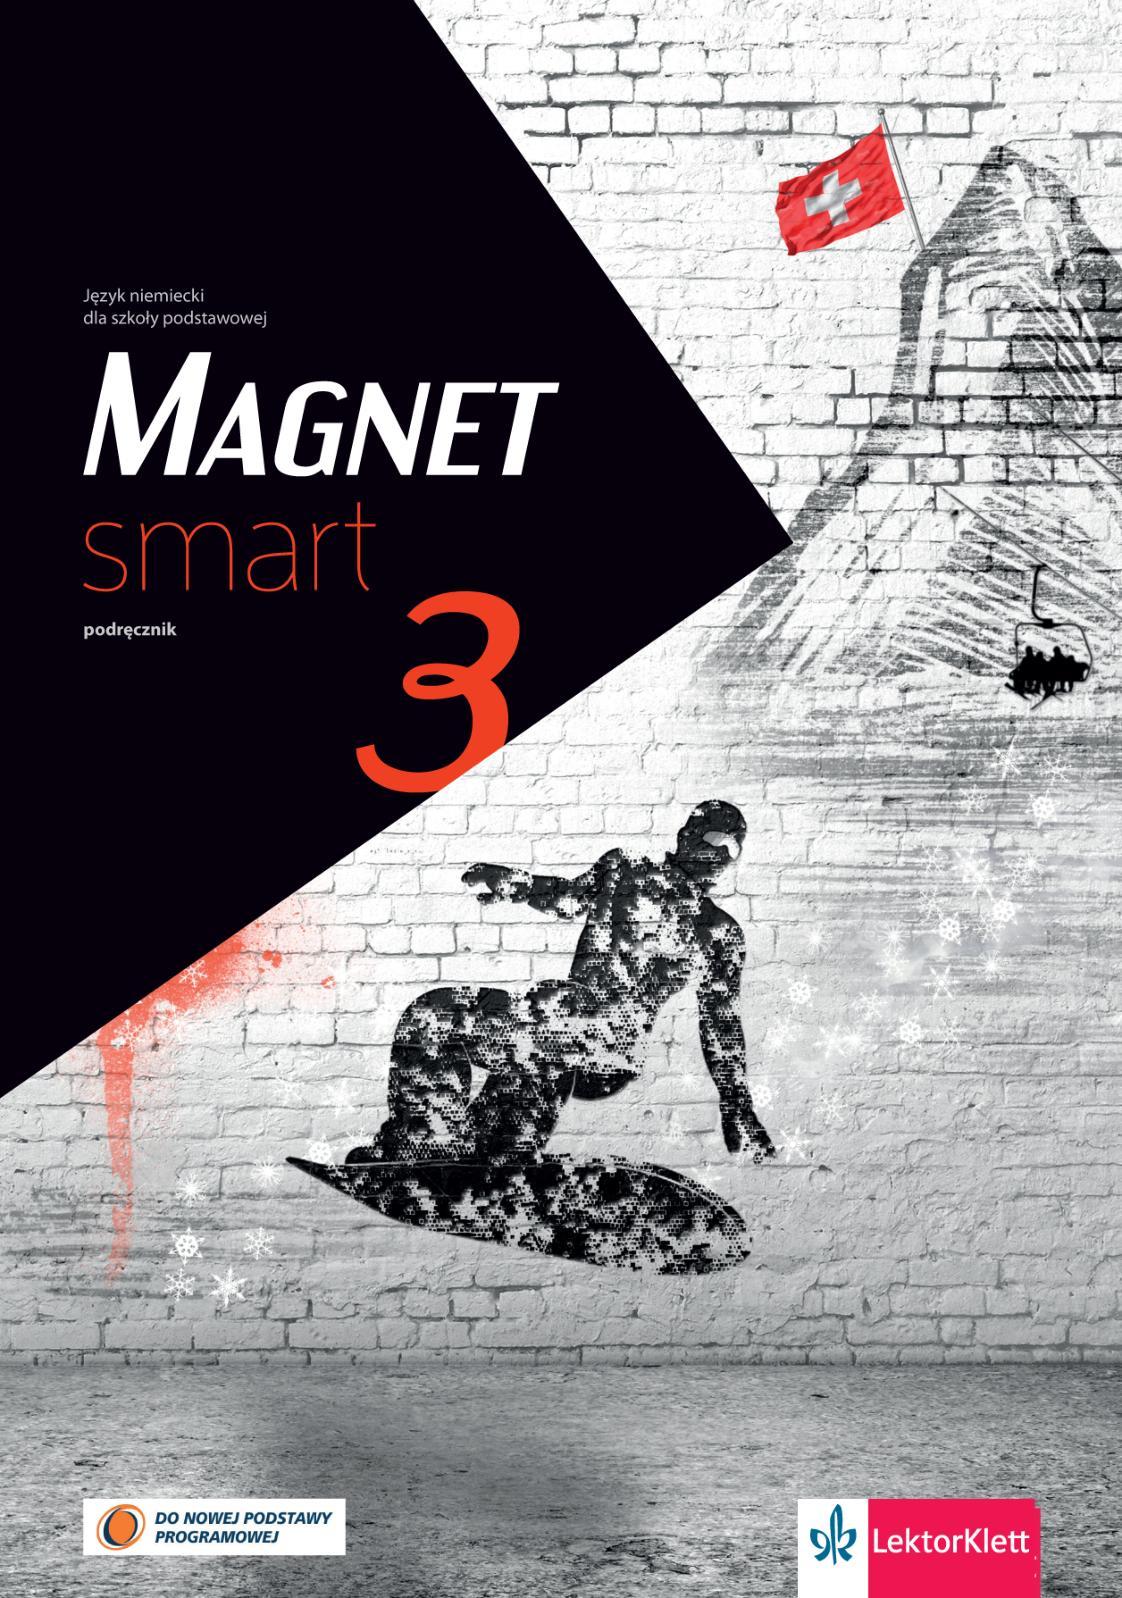 Magnet smart 3 (NPP 2017). Podręcznik